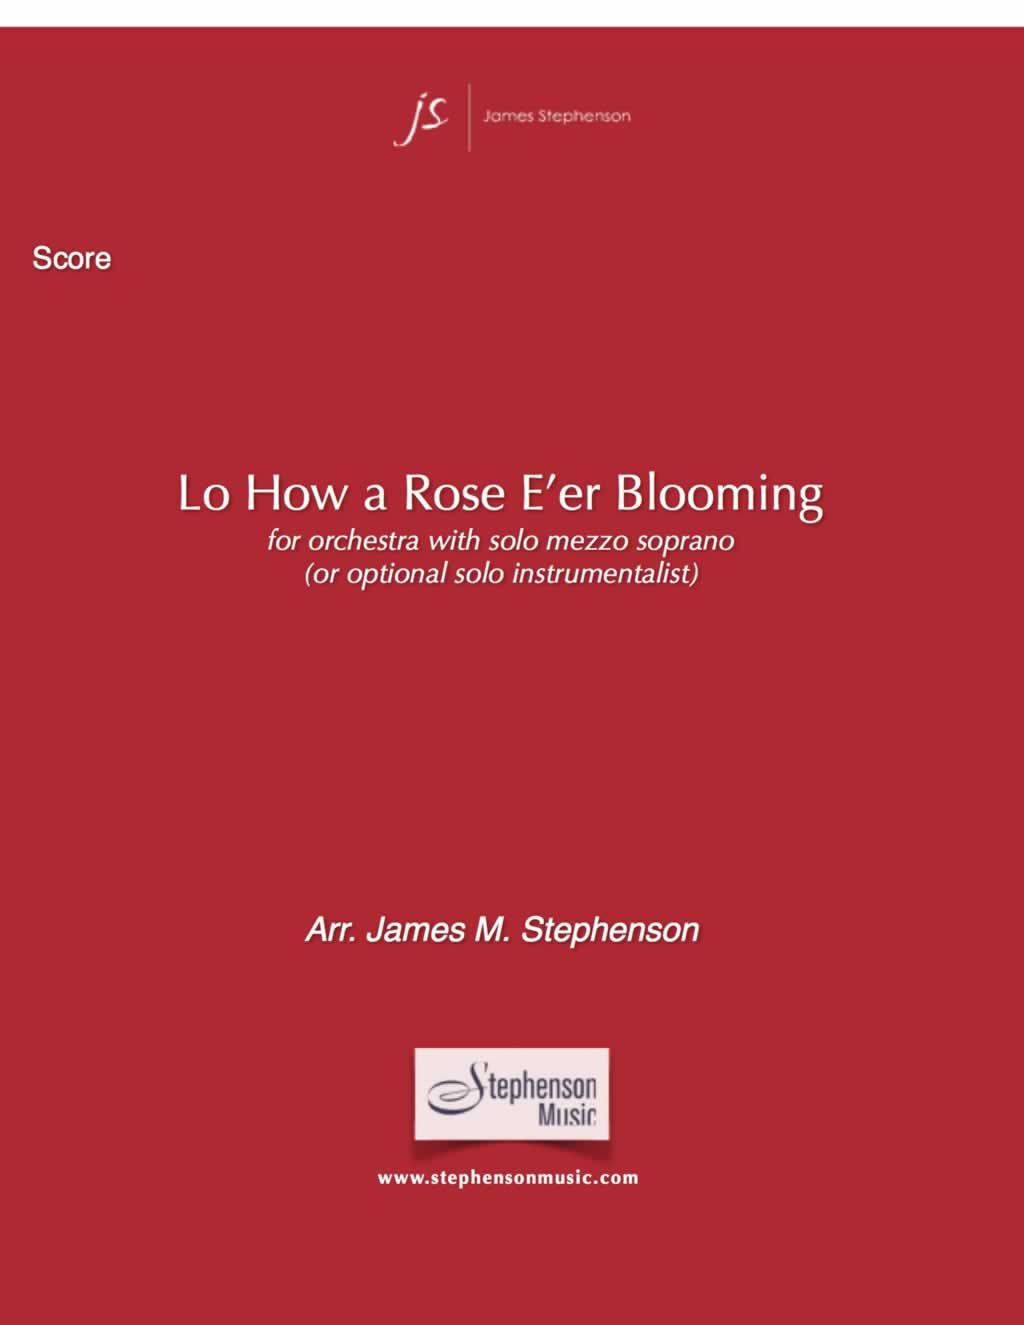 LO, HOW A ROSE EER BLOOMING